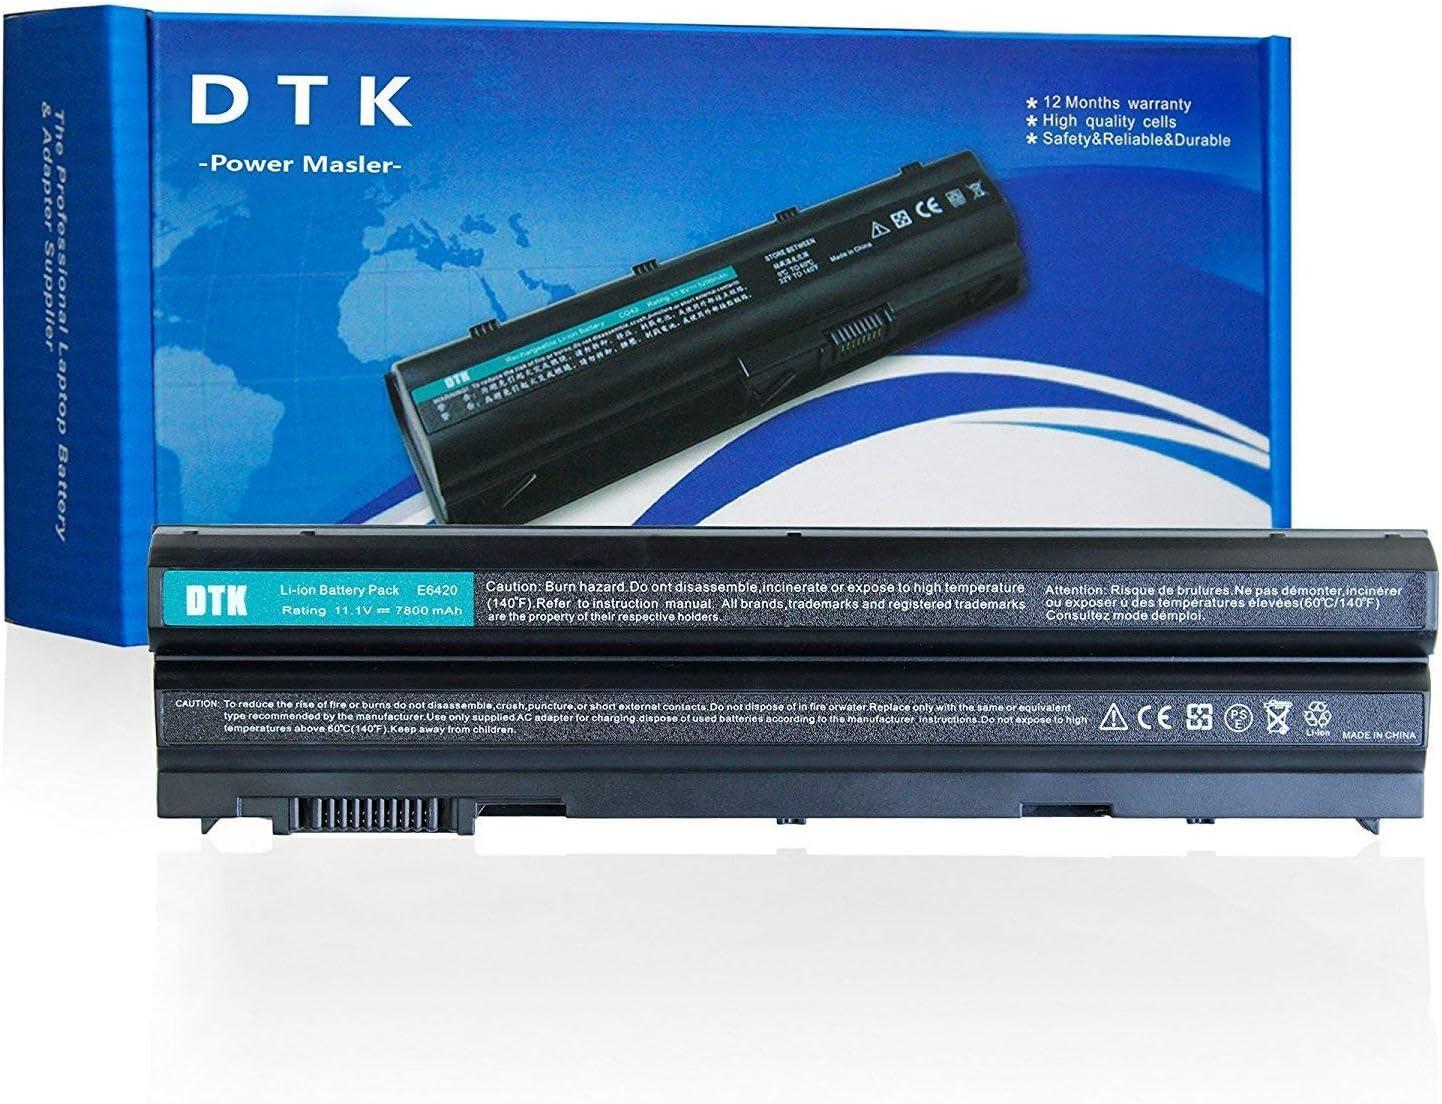 Dtk® Batería para Ordenador Portátil Dell Latitude E5420 E5430 E5530 E6420 E6430 E6520 E6530 Inspiron 4420 5420 5425 7420 4720 5720 M421R M521R N4420 N4720 N5420 N5720 N7420 Vostro 3460 Series - Dell